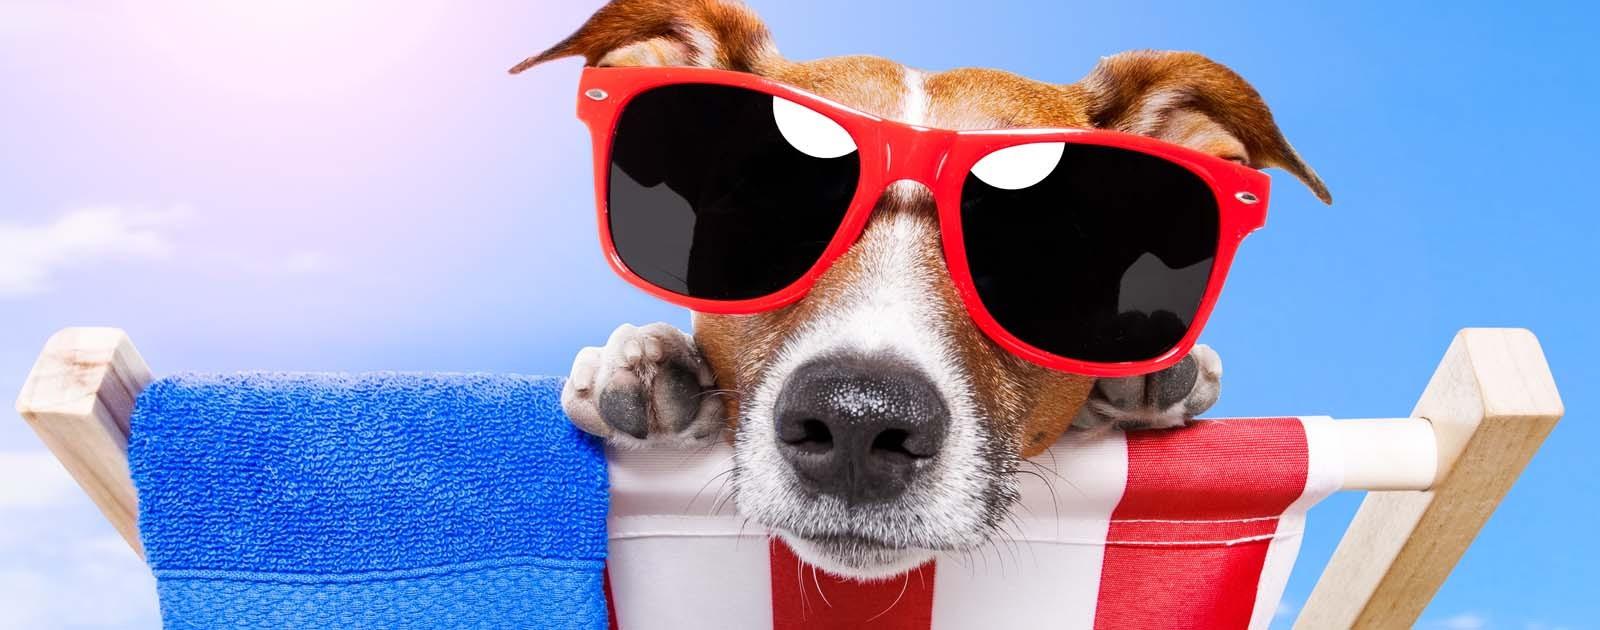 8 tips voor honden tijdens deze warme dagen